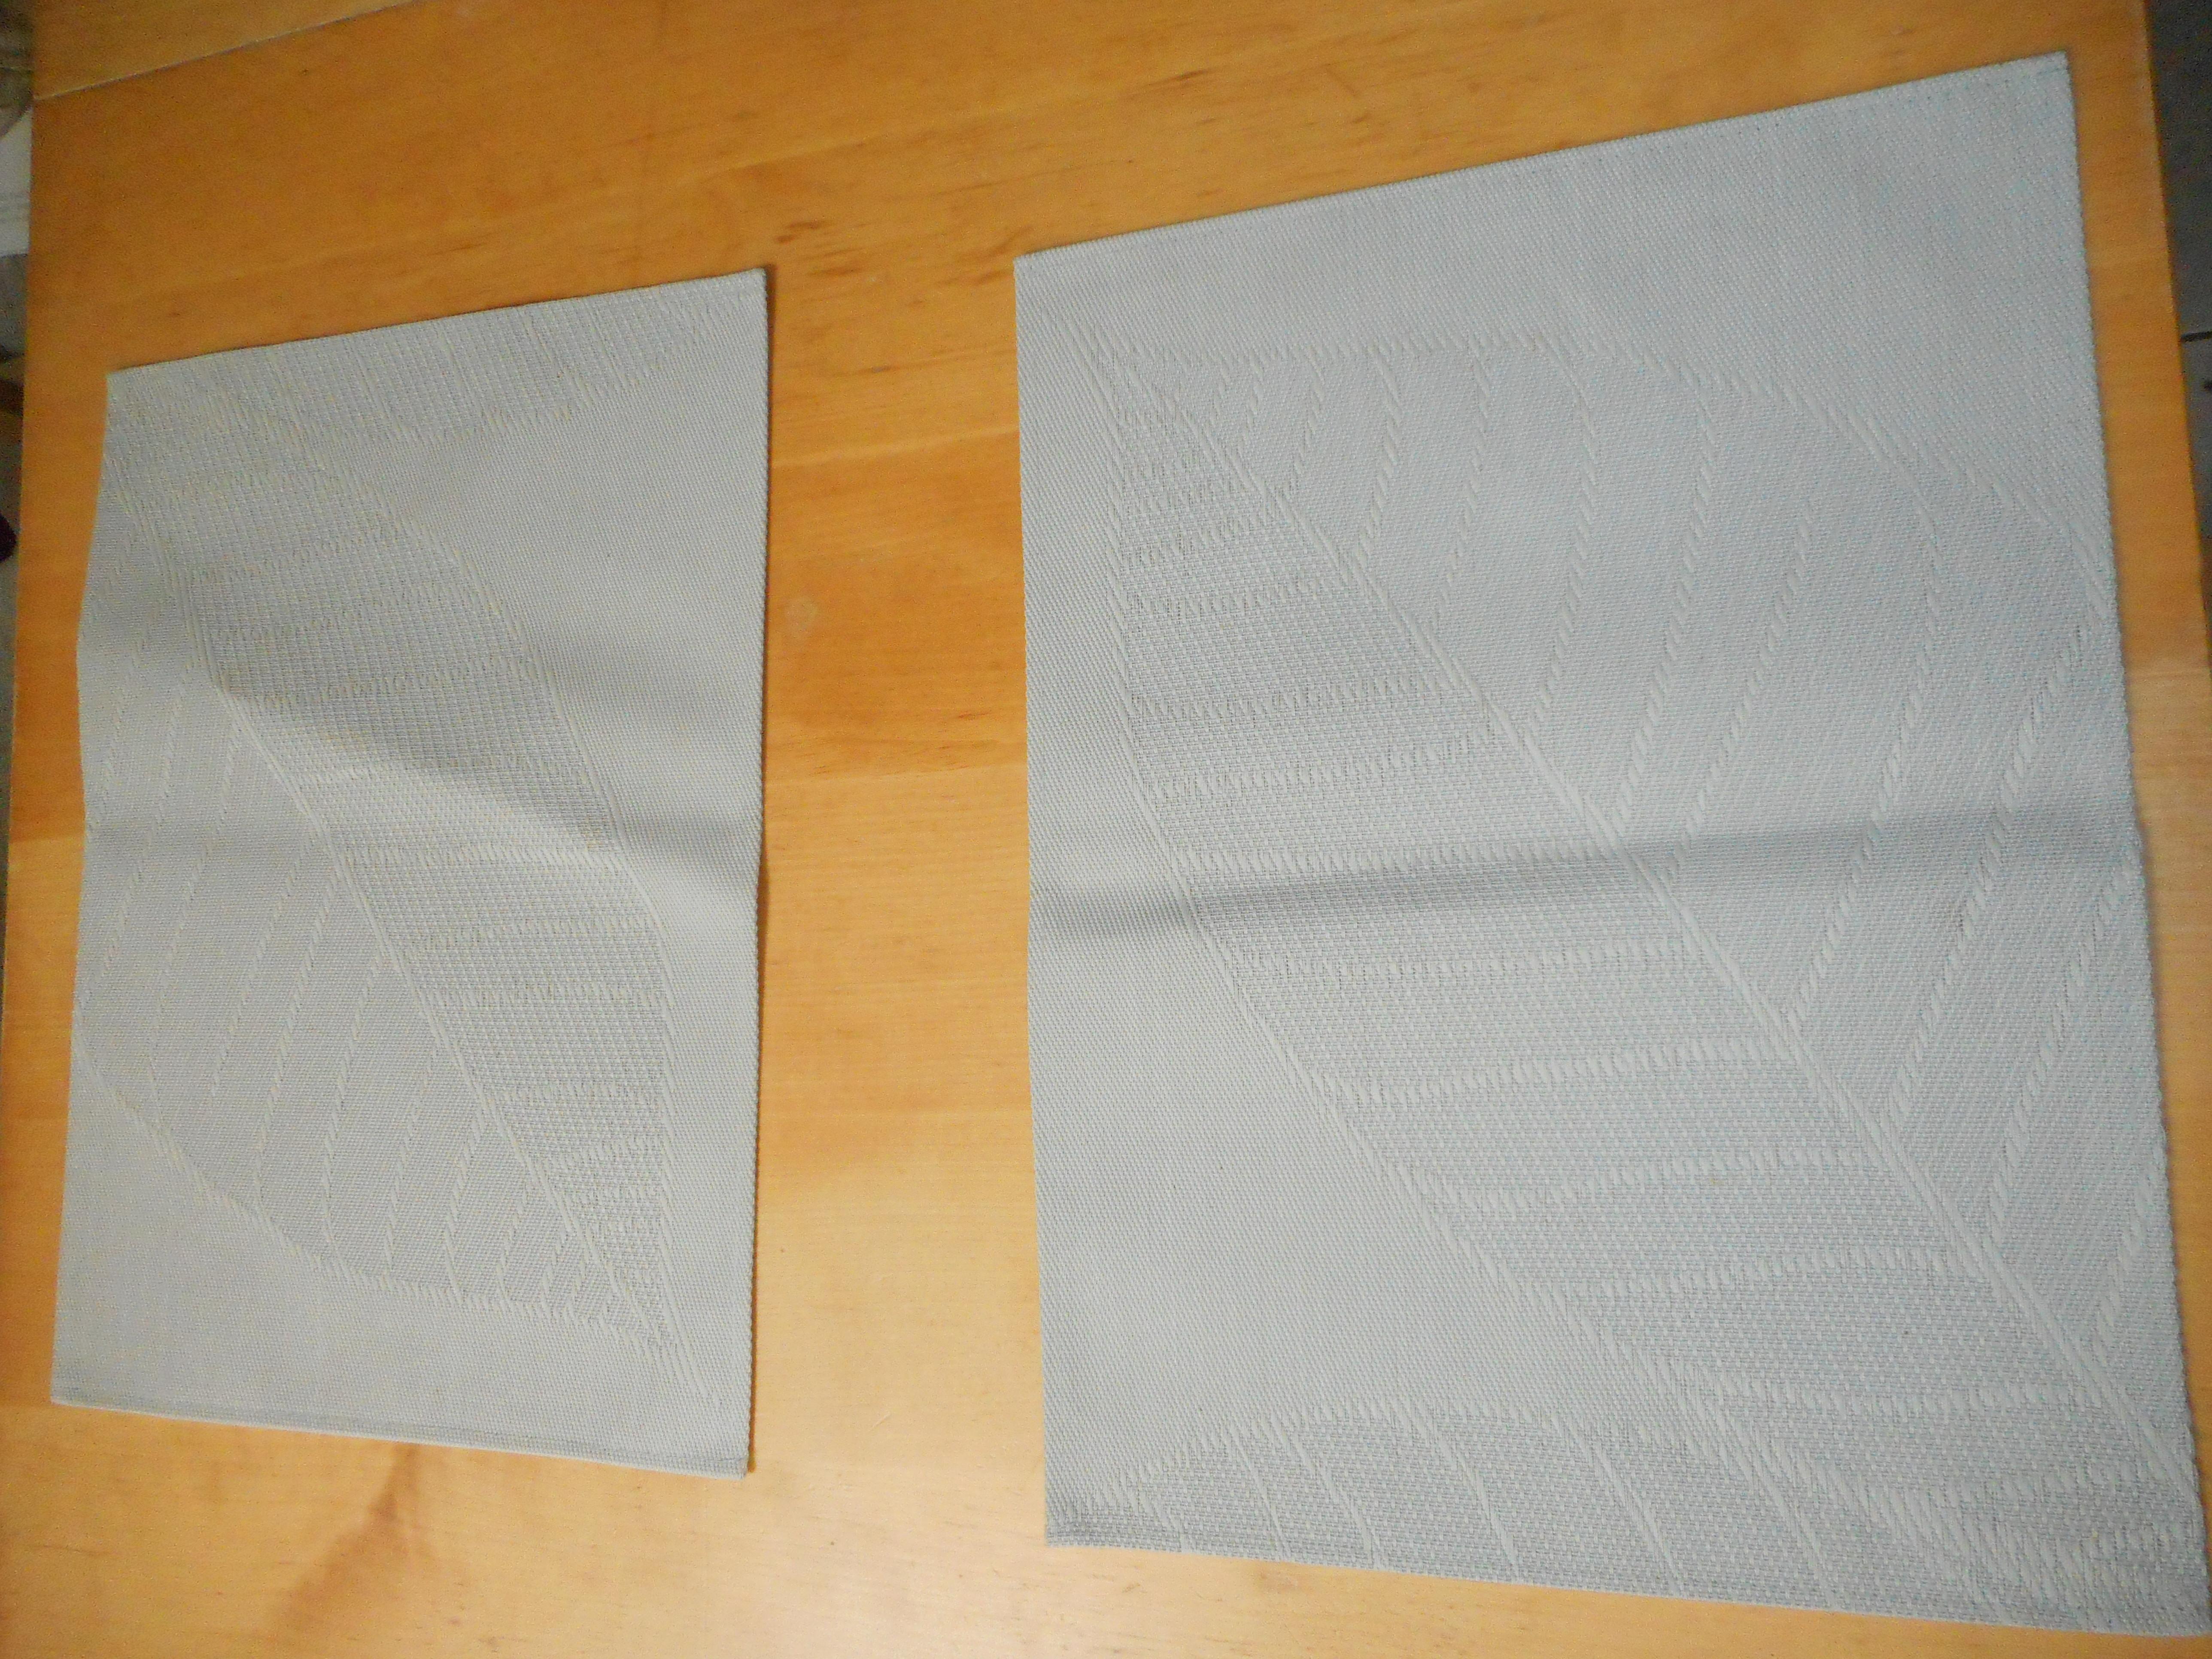 troc de troc set de table gris image 0